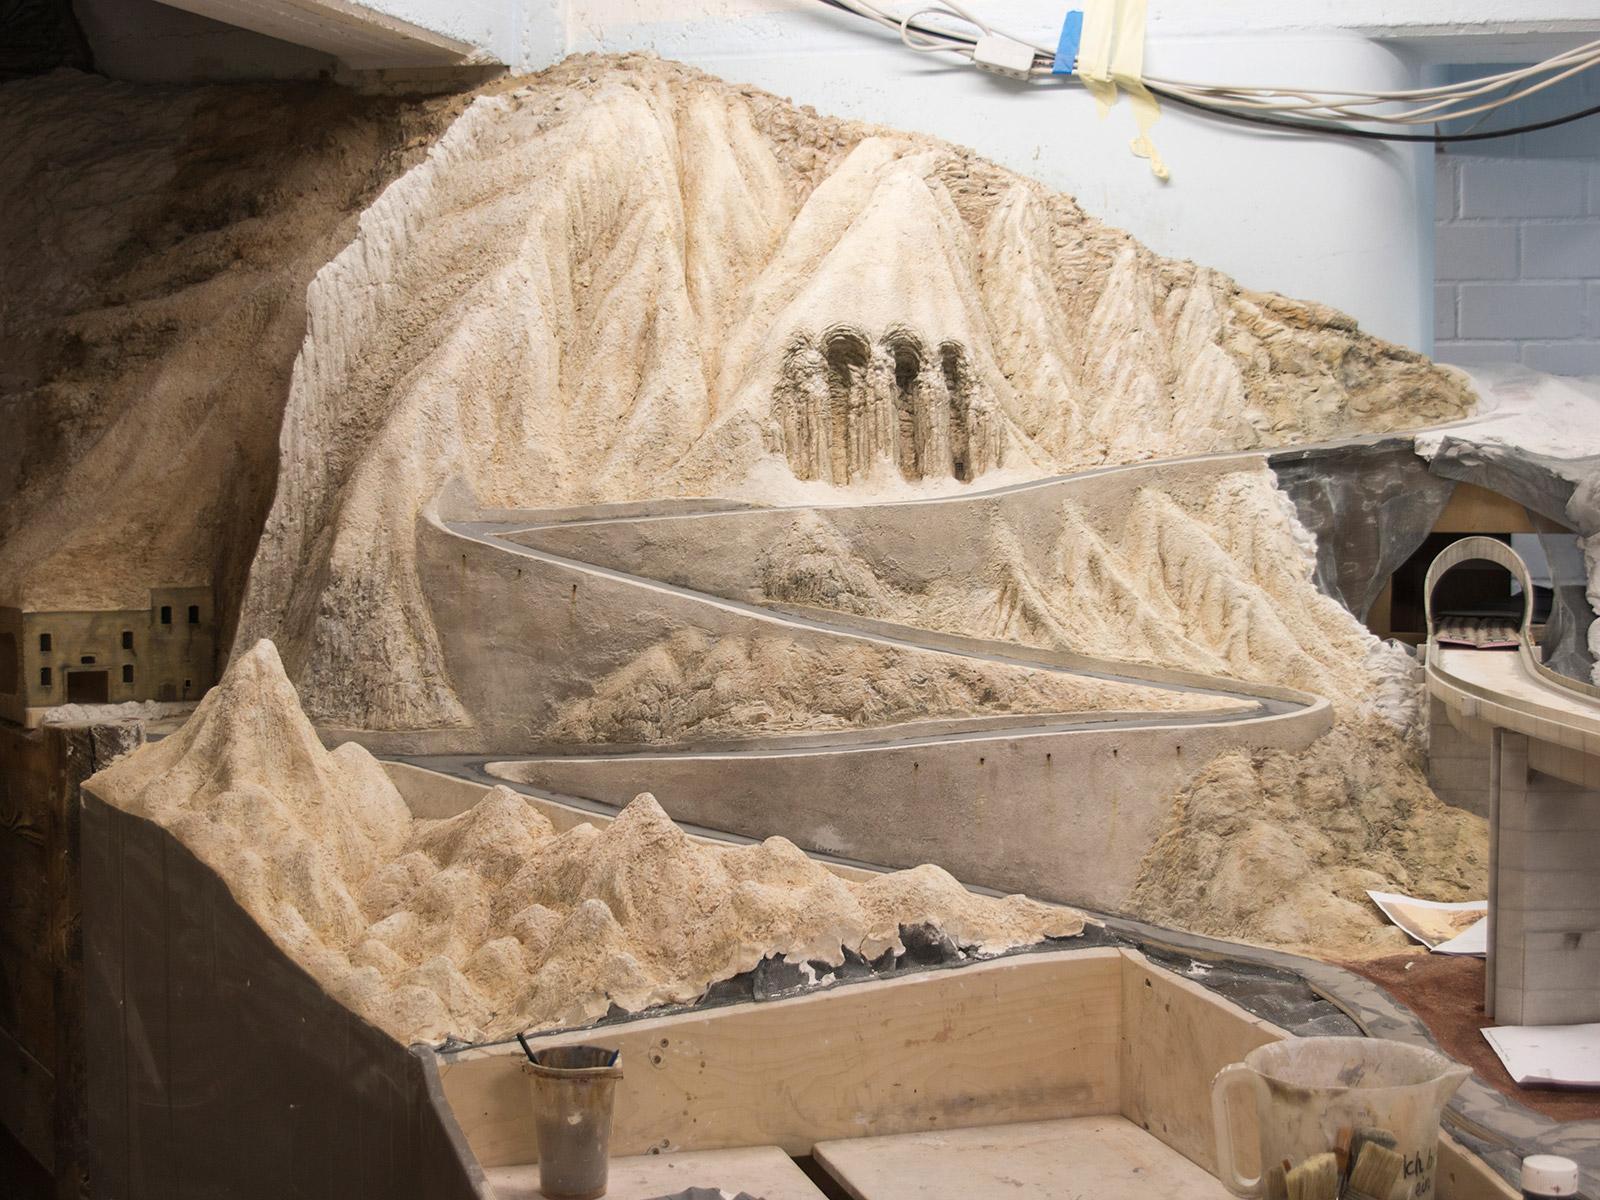 Im Bereich Vesuv hat sich in den letzten Wochen einiges getan.An diesem Beispiel kann man sehr schön sehen, wie wichtig eine realistische Begrünung der Anlage ist. Hier wirken die Felsen noch relativ kühl...